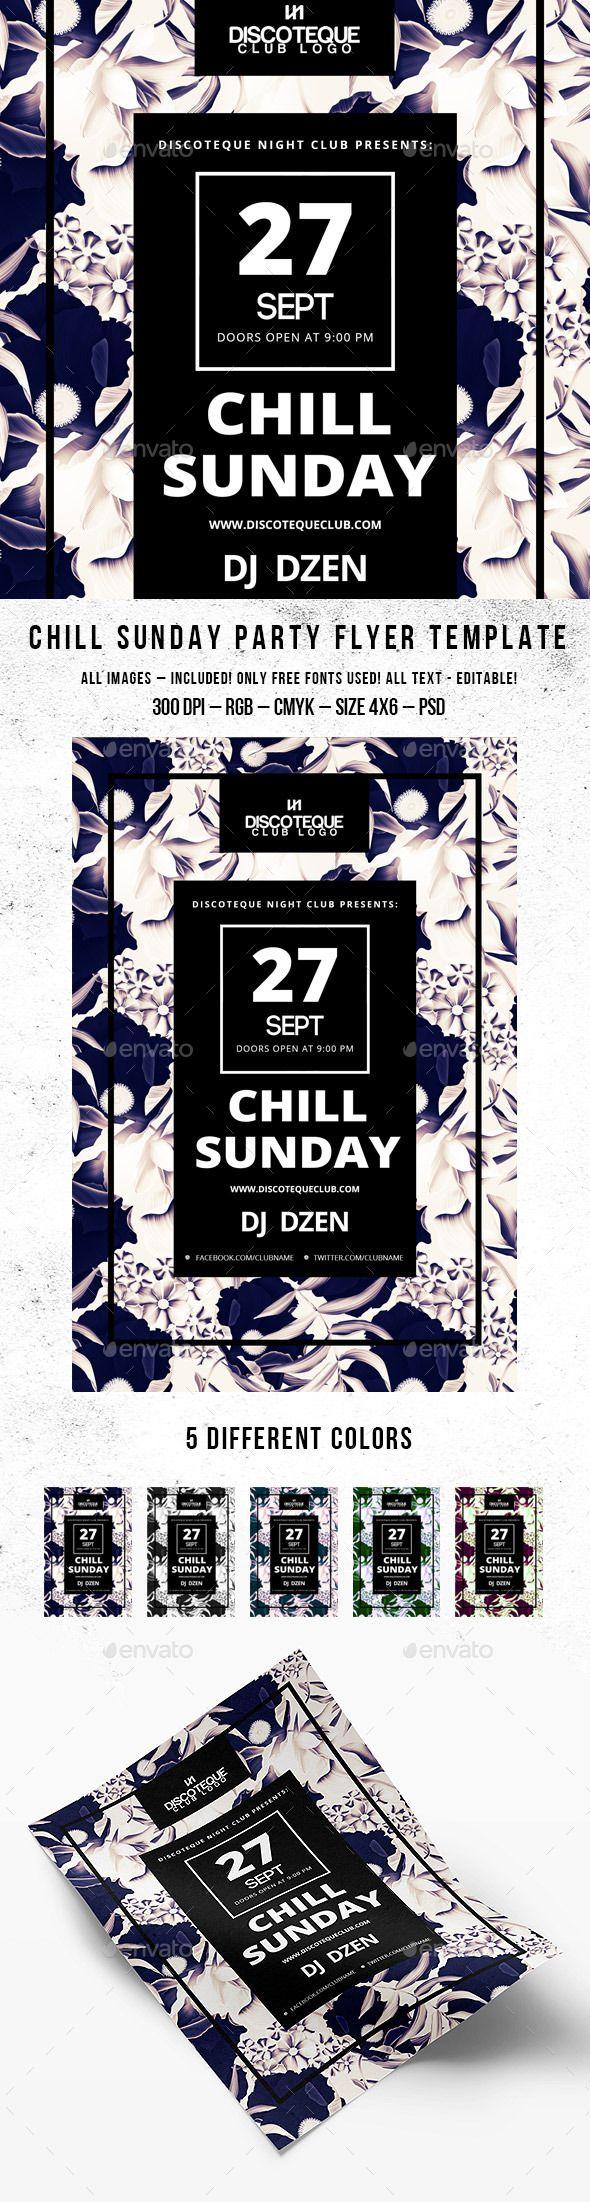 Chill Sunday Party Flyer | Cartelitos, Diseño grafico publicitario y ...